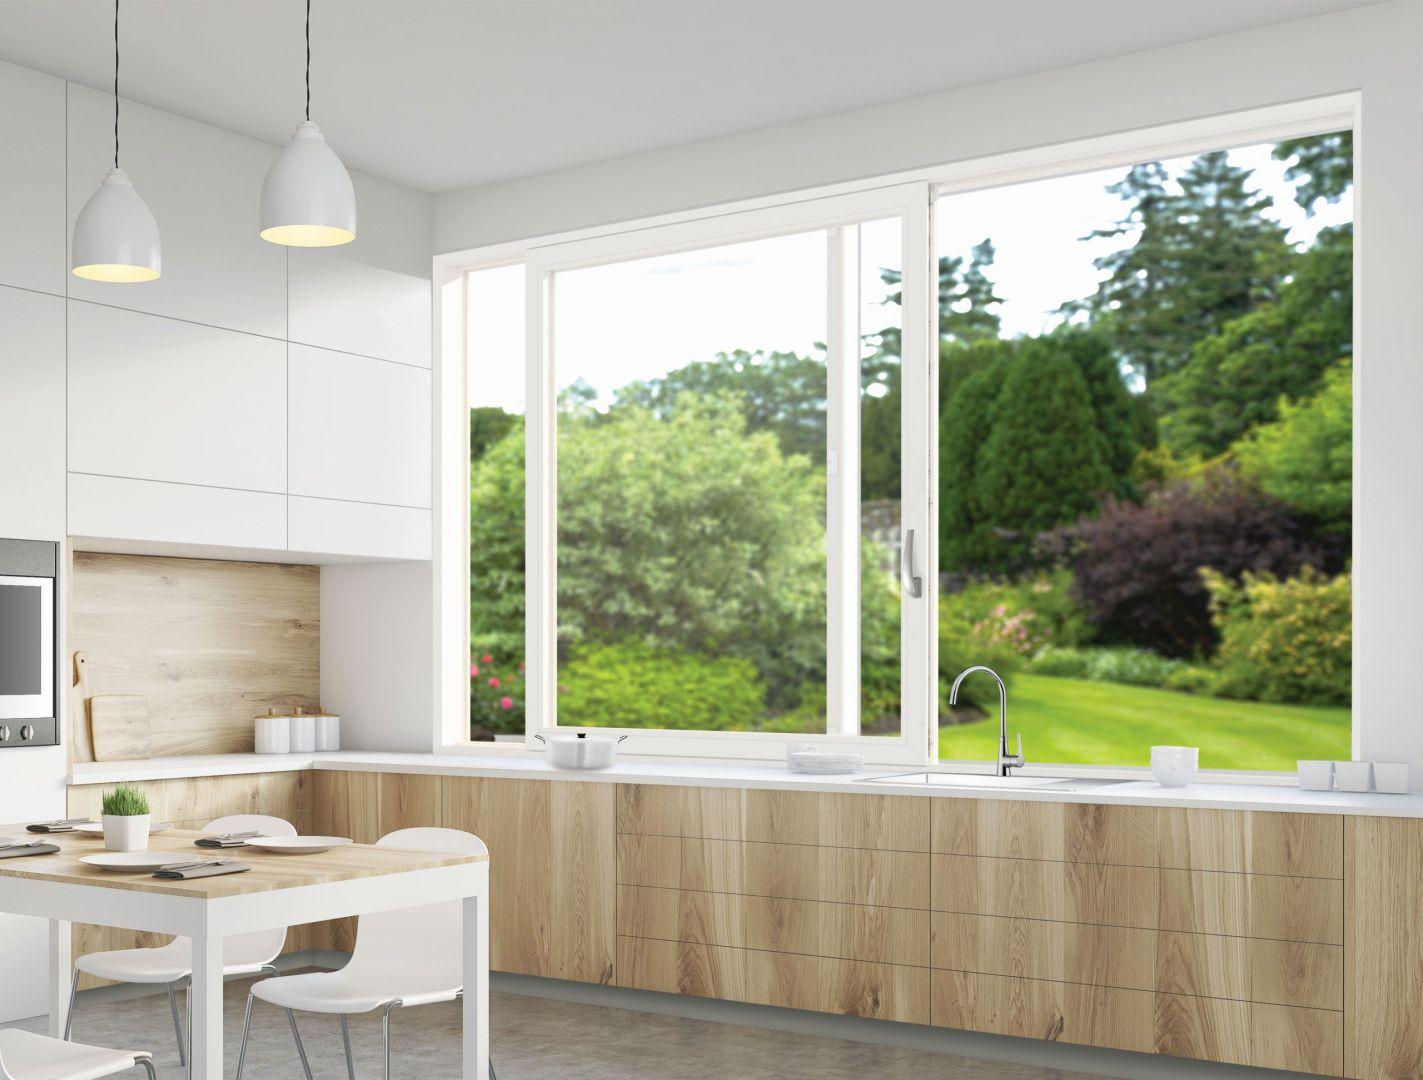 Patio Inowa -to wygodne i szczelne okno do kuchni. Fot. Roto